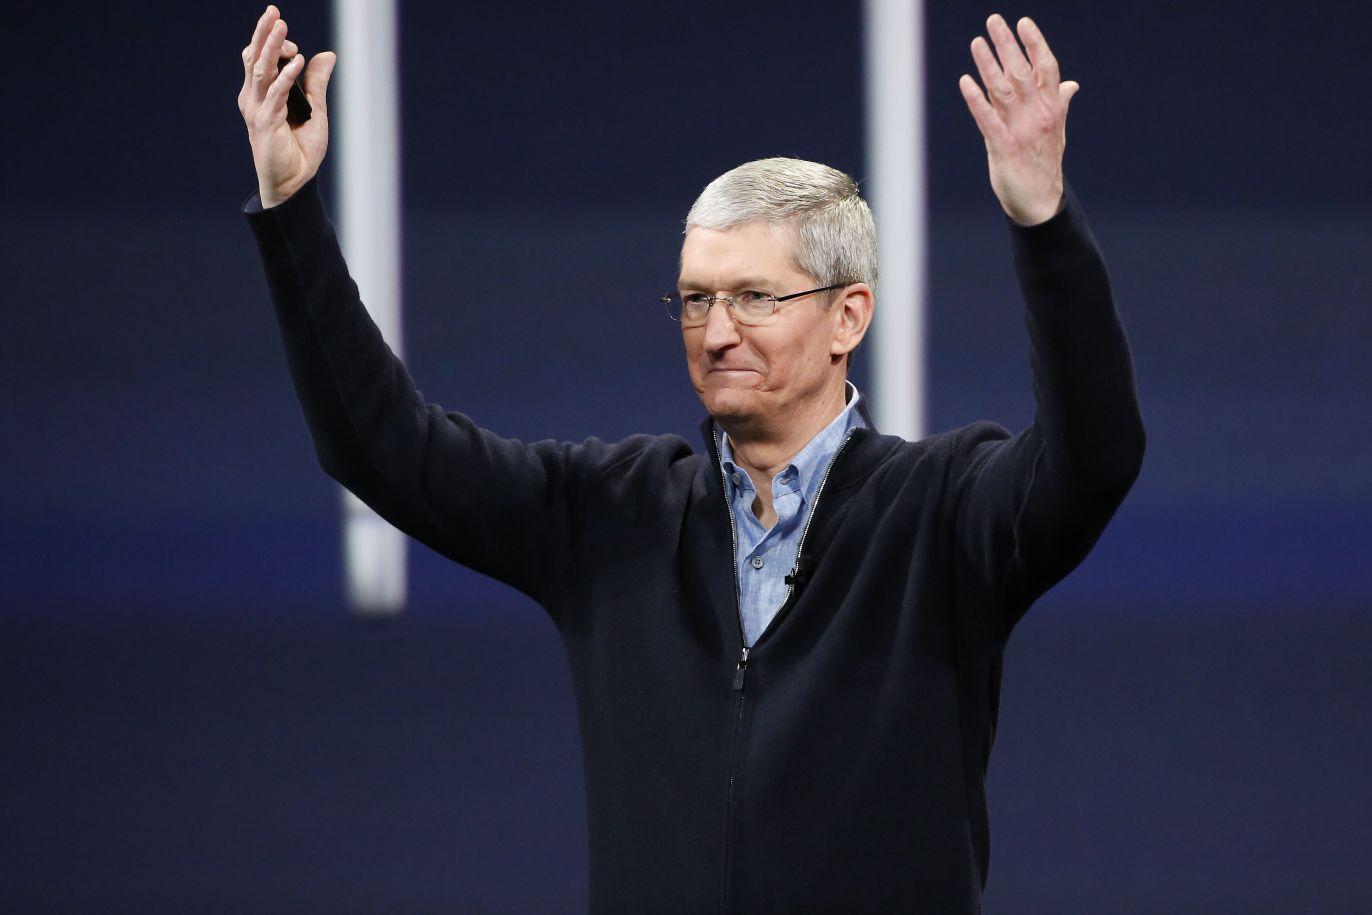 اپل آمار فروش سه ماه سوم سال 2017 خود را اعلام کرد: فروش 41 میلیون آیفون، 11٫4 میلیون آیپد و 4٫29 میلیون مک